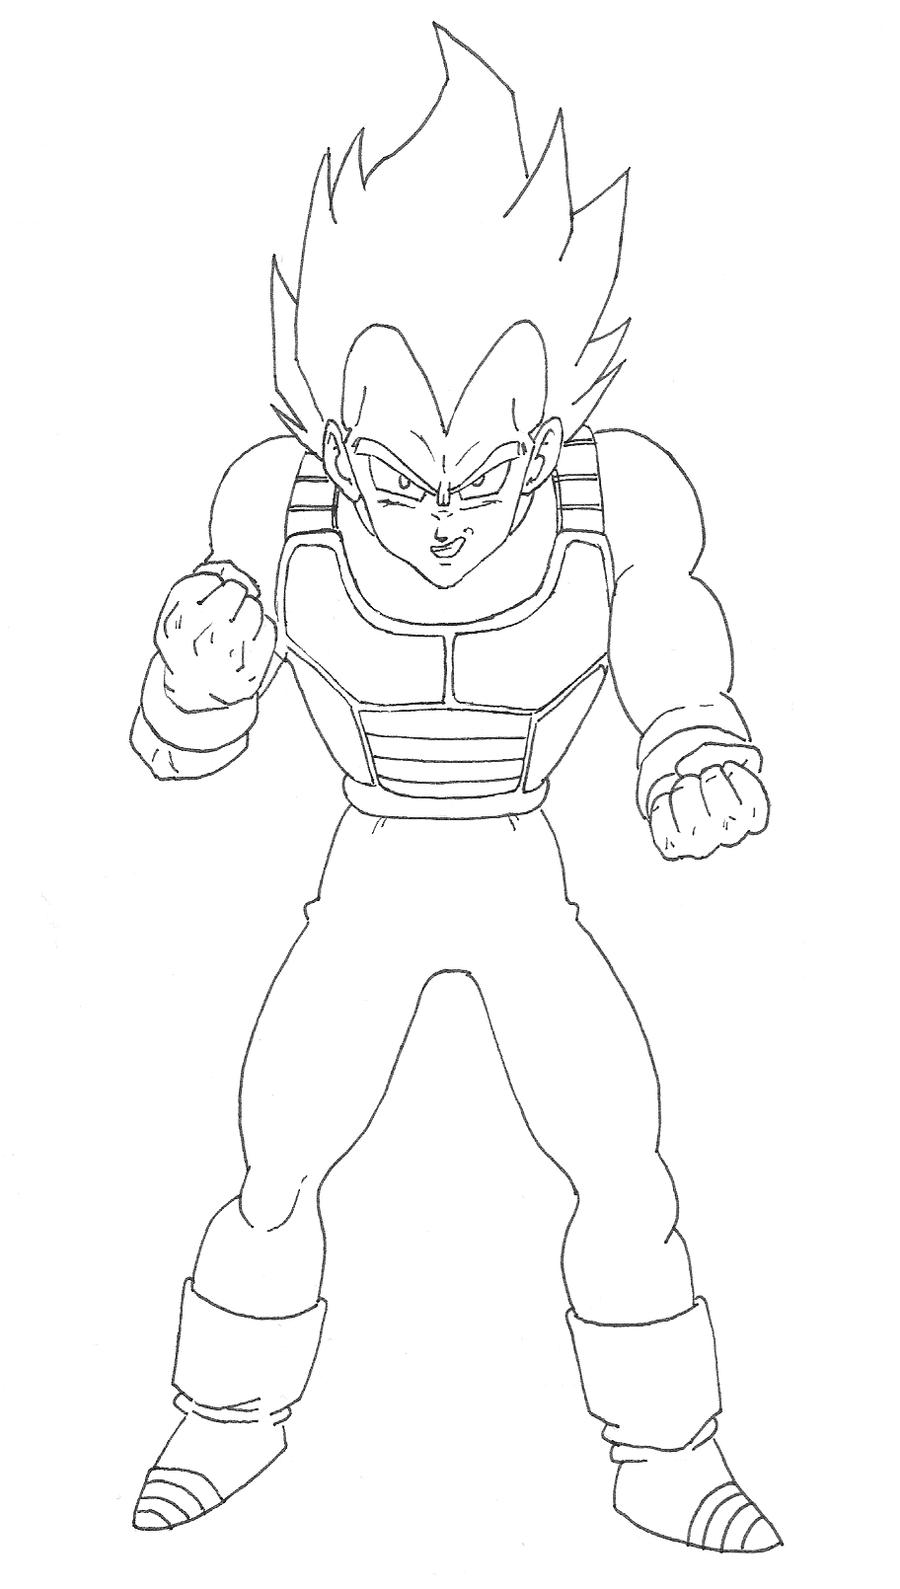 super sayan 3 goku para colorear dibujos imagixsVegeta Color Drawing